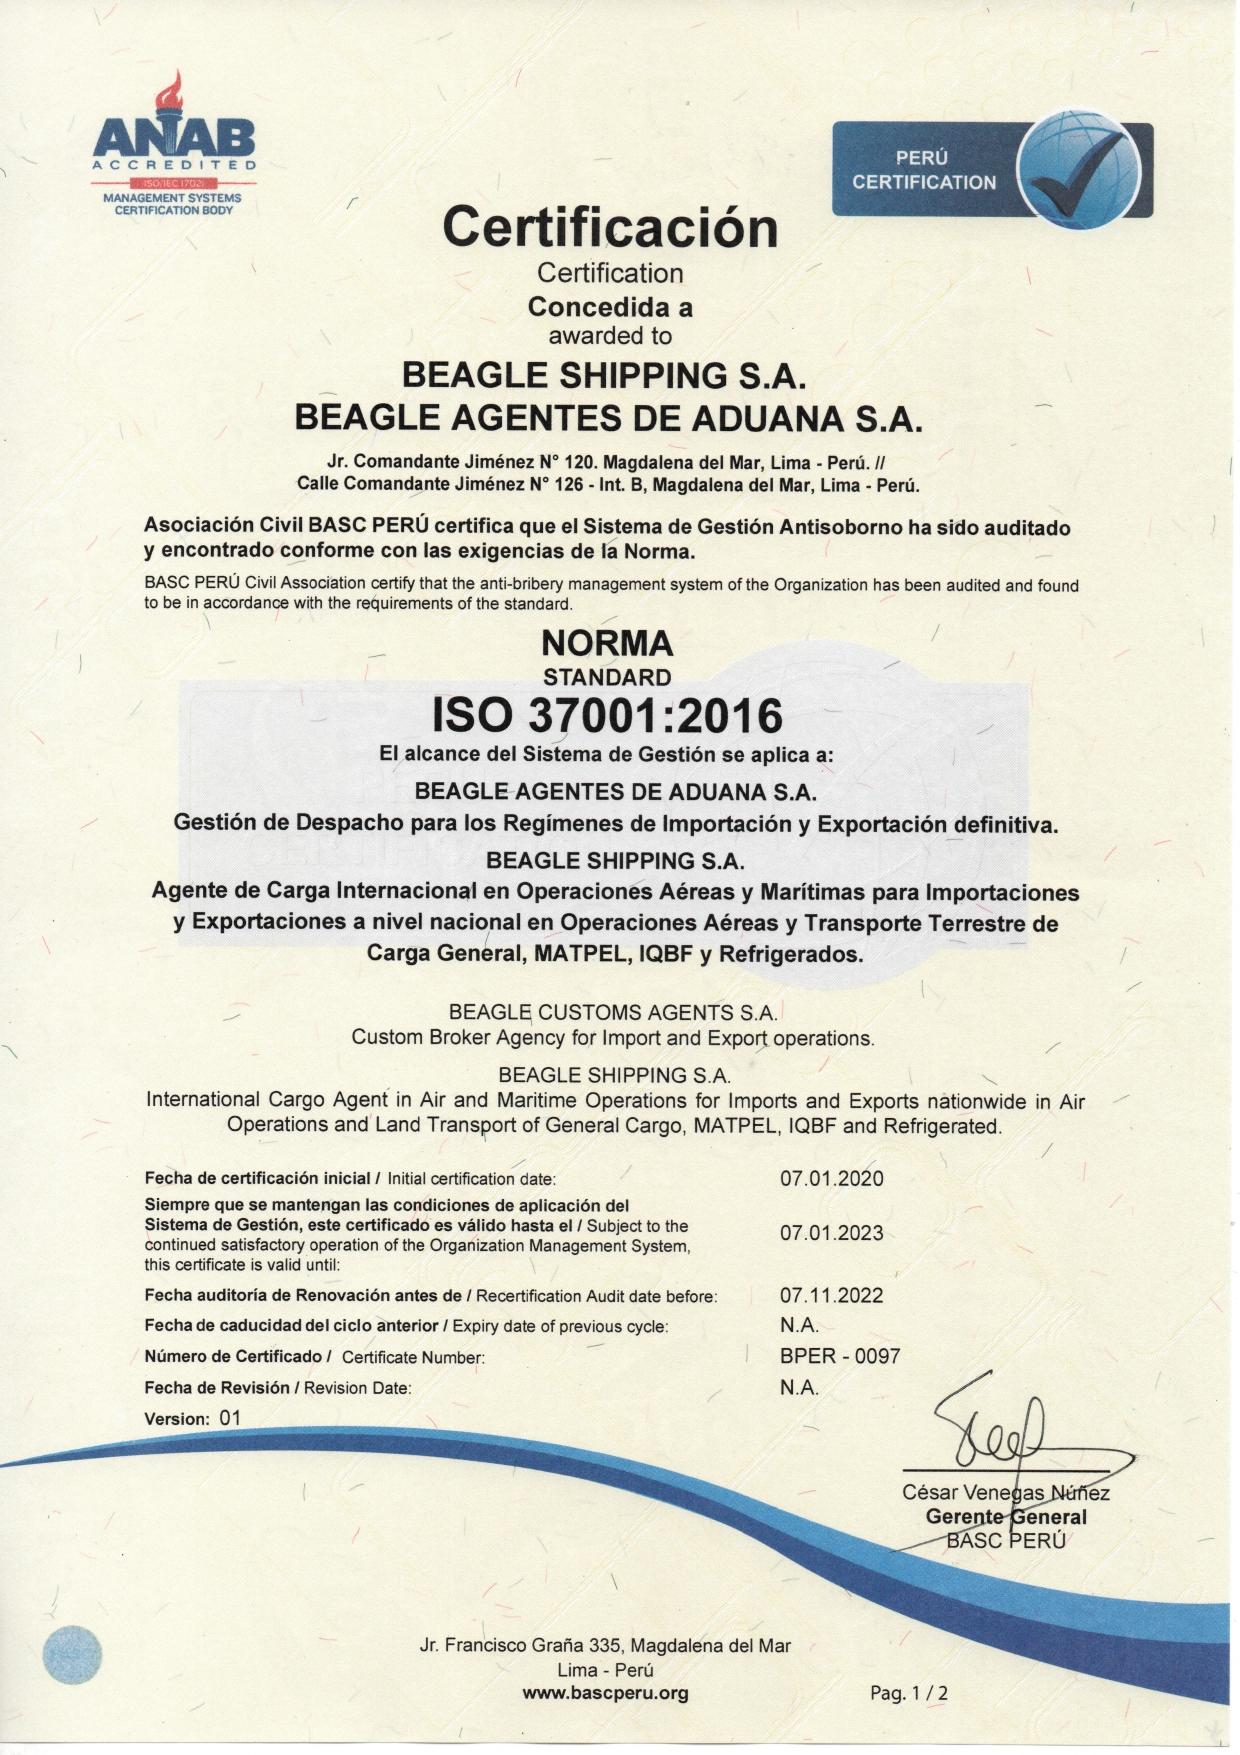 ISO 37001: 2016 SISTEMA DE GESTIÓN ANTISOBORNO